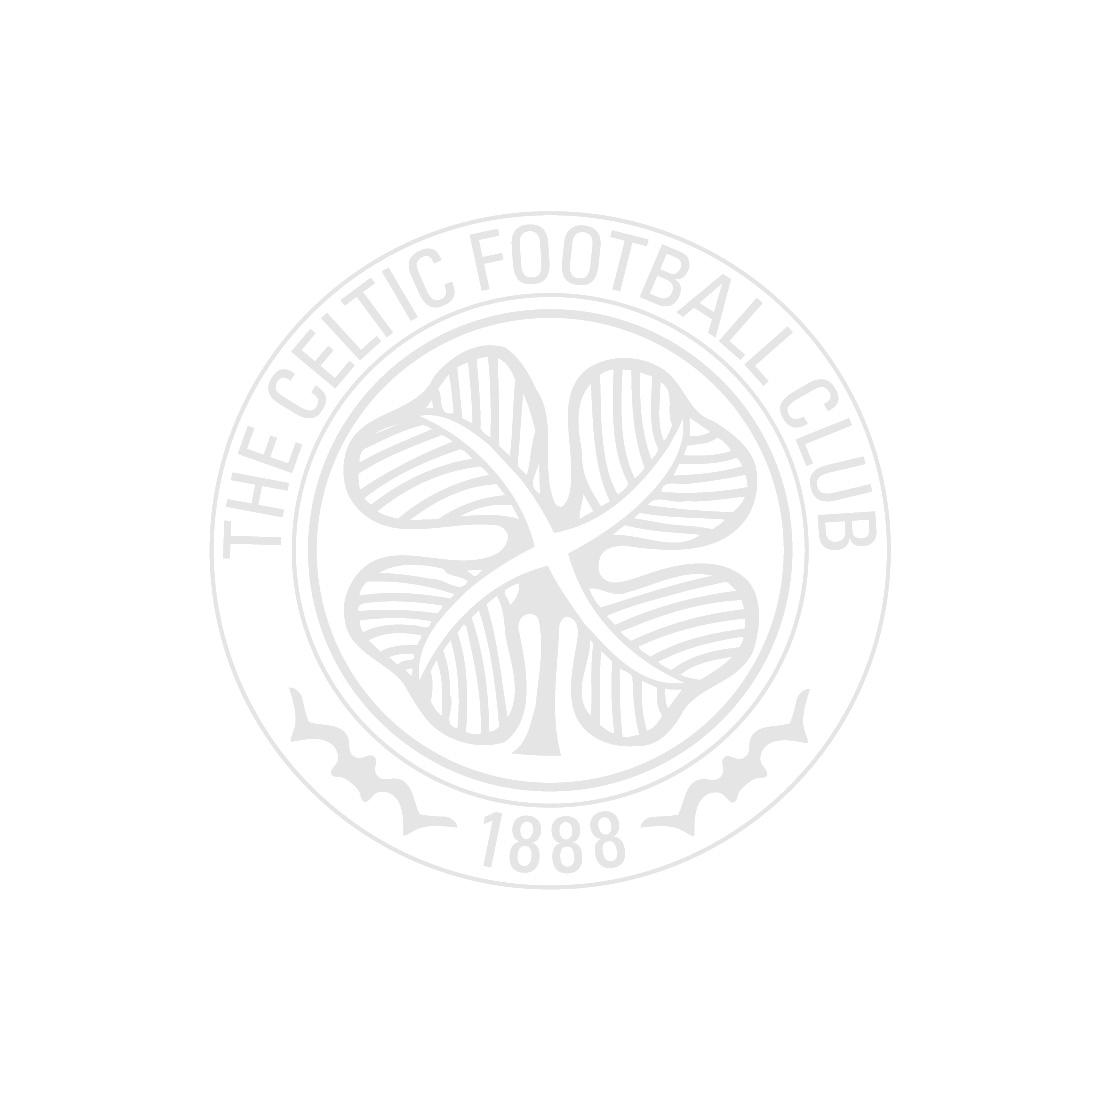 Celtic Melange Shield Chest Badge T-shirt